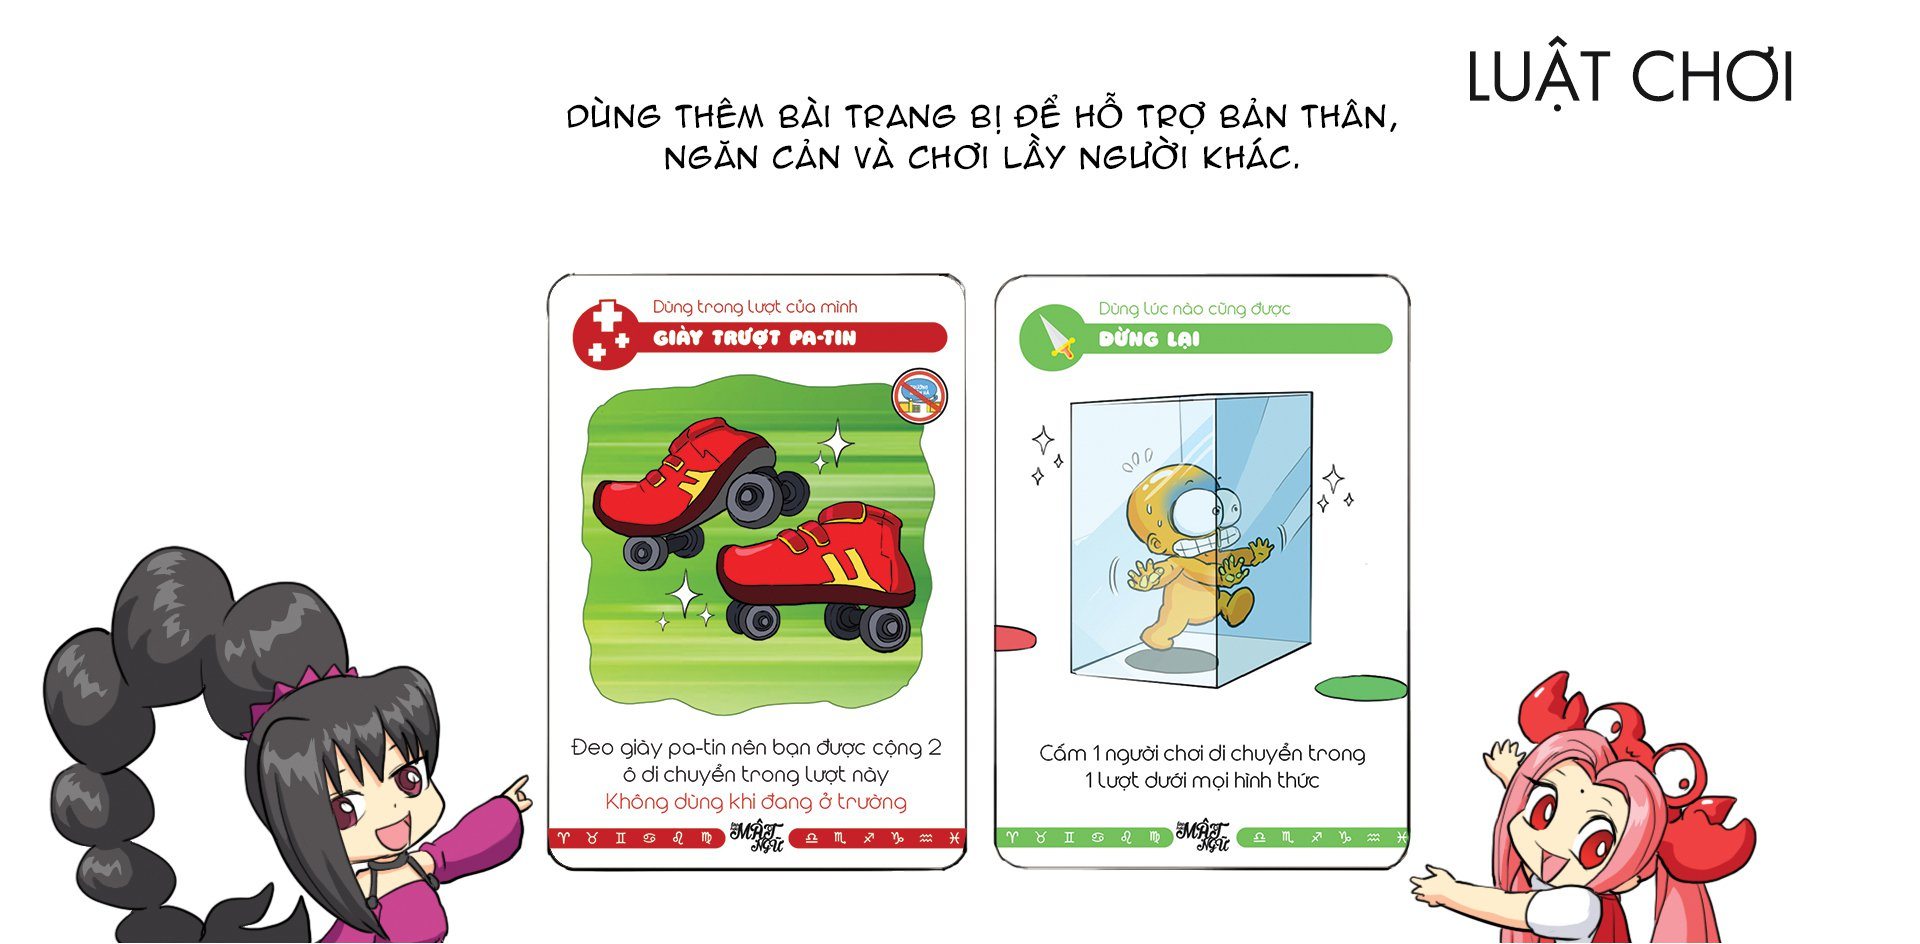 board-game-lop-hoc-mat-ngu-cuoc-dua-sao-choi